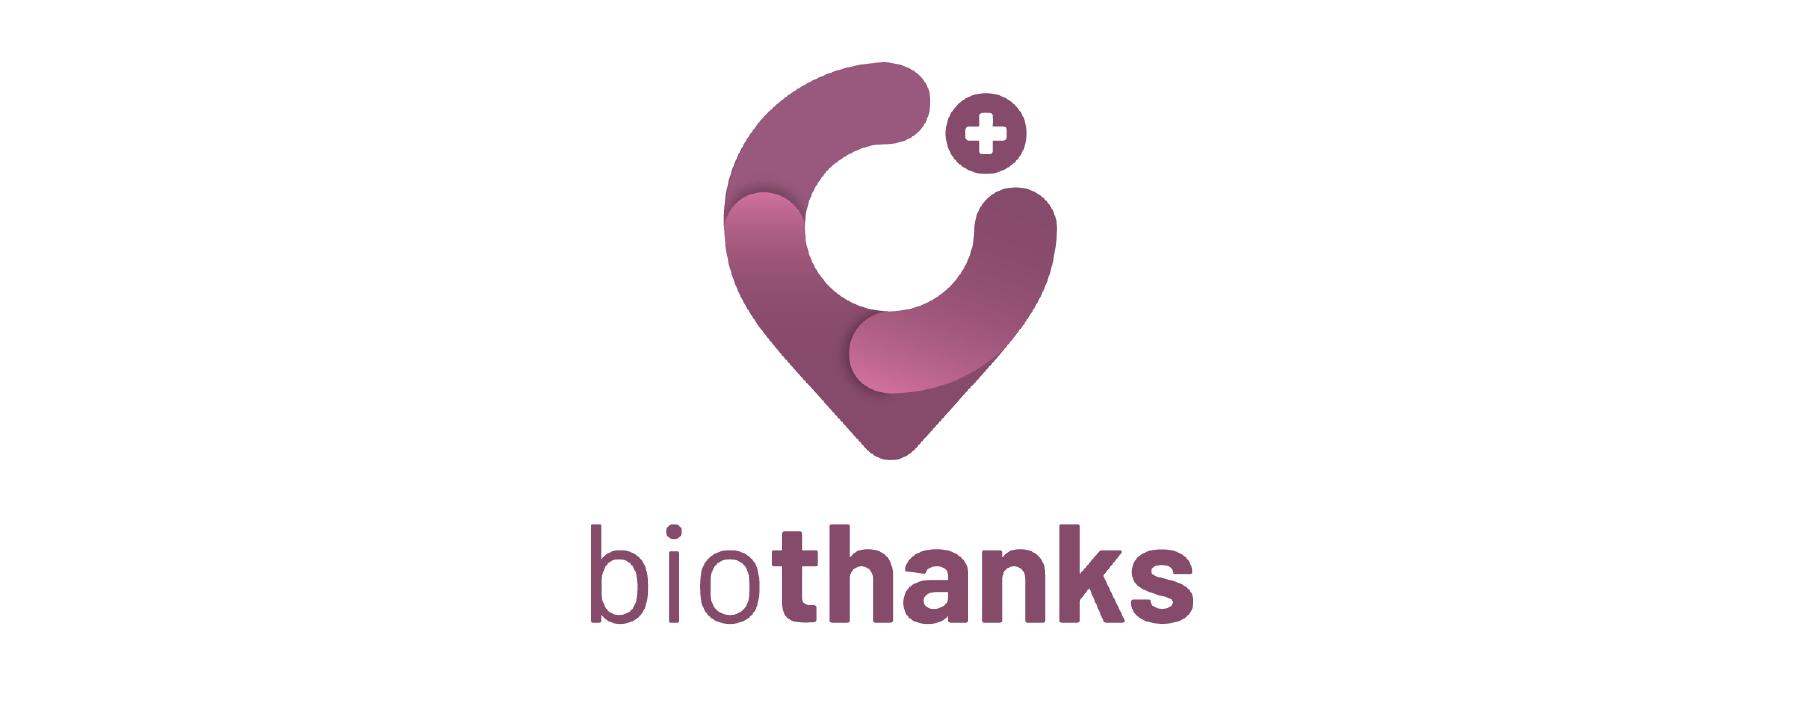 Case de sucesso: Biothanks - Posicionamento de marca